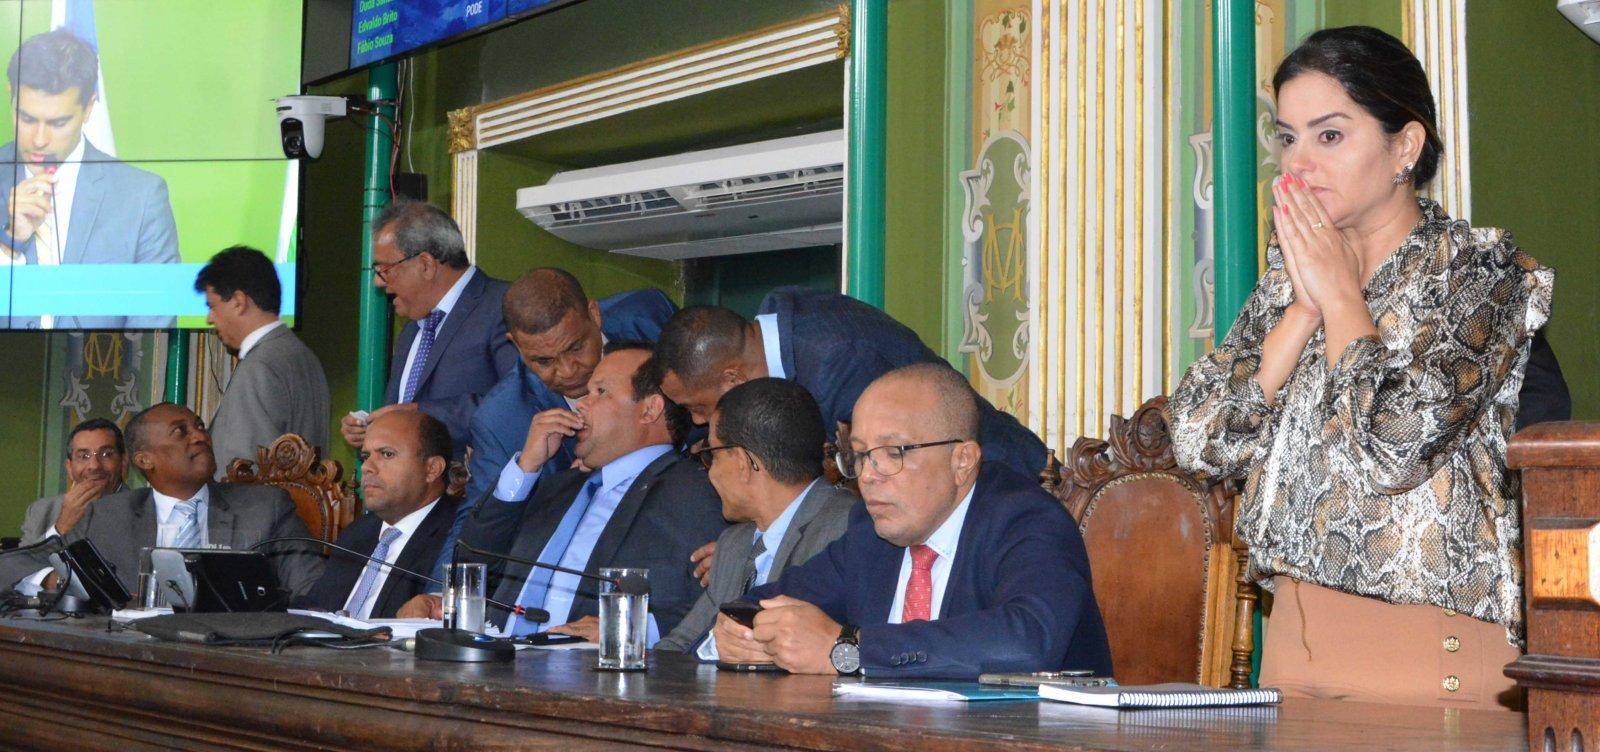 [Levantamento mostra quais são os vereadores mais ausentes na Câmara Municipal]